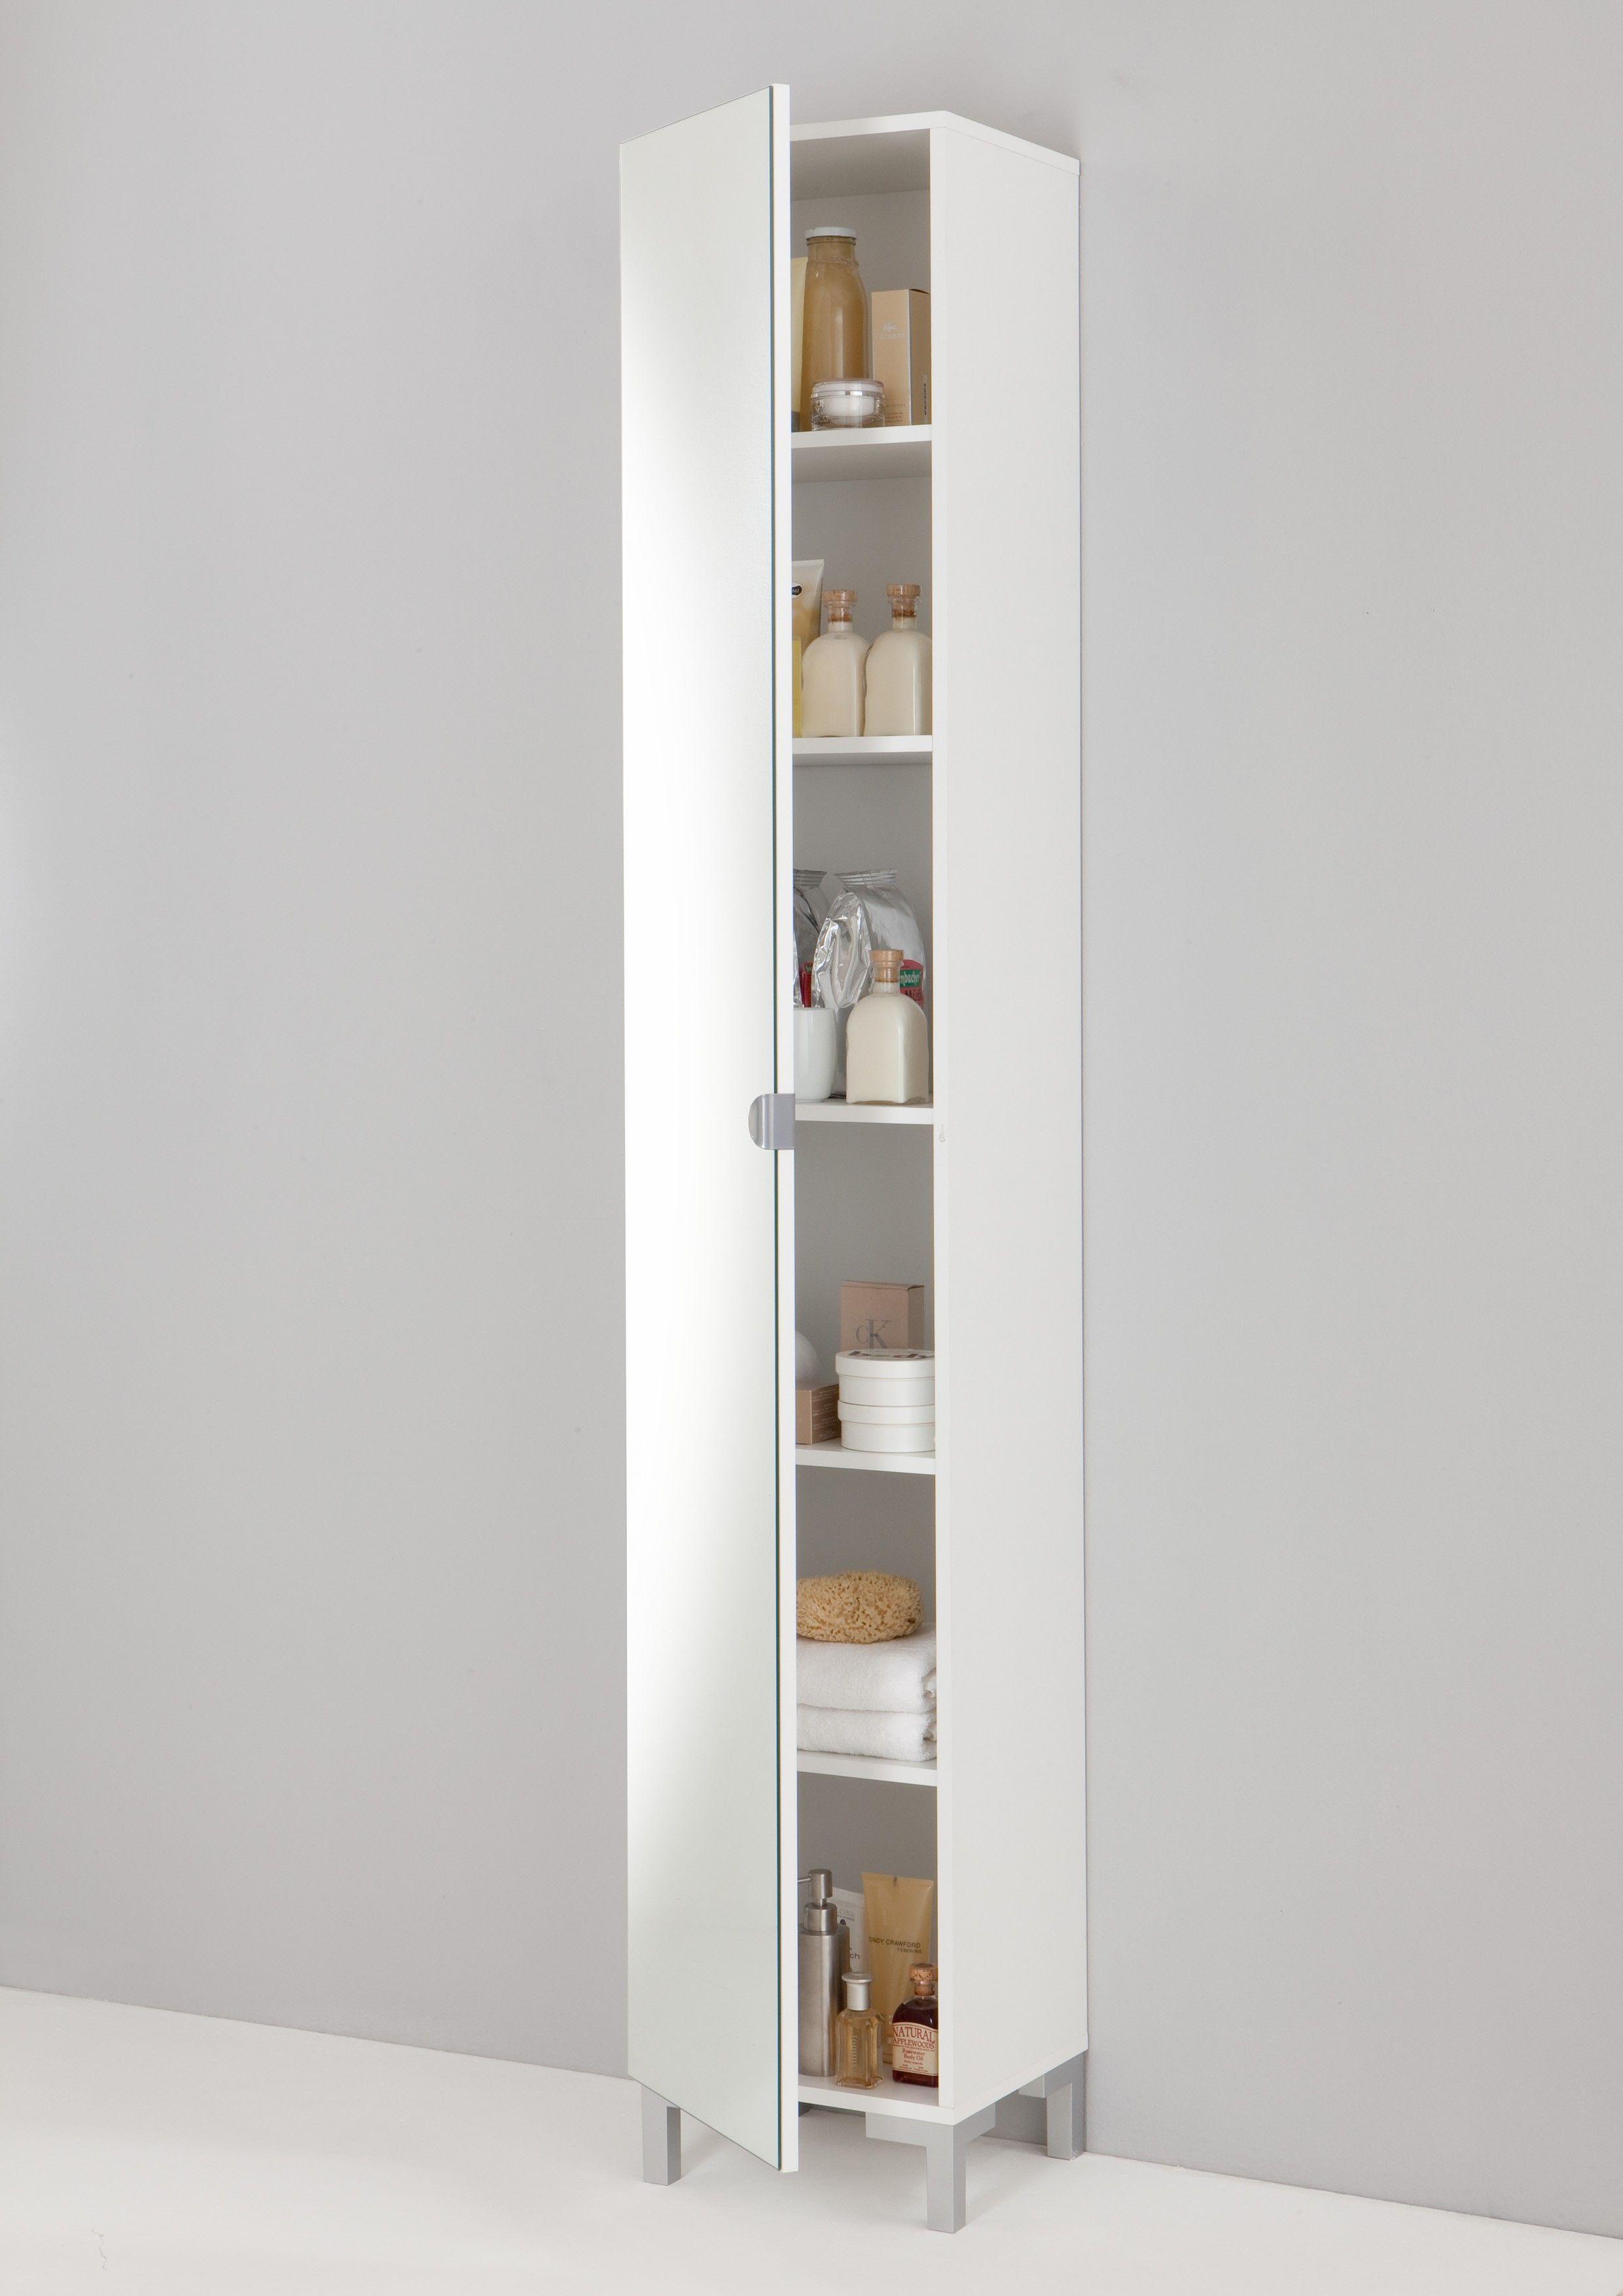 Meuble Haut Salle De Bain Avec Miroir acheter la colonne de salle de bains tarragone ? ✓ armoire